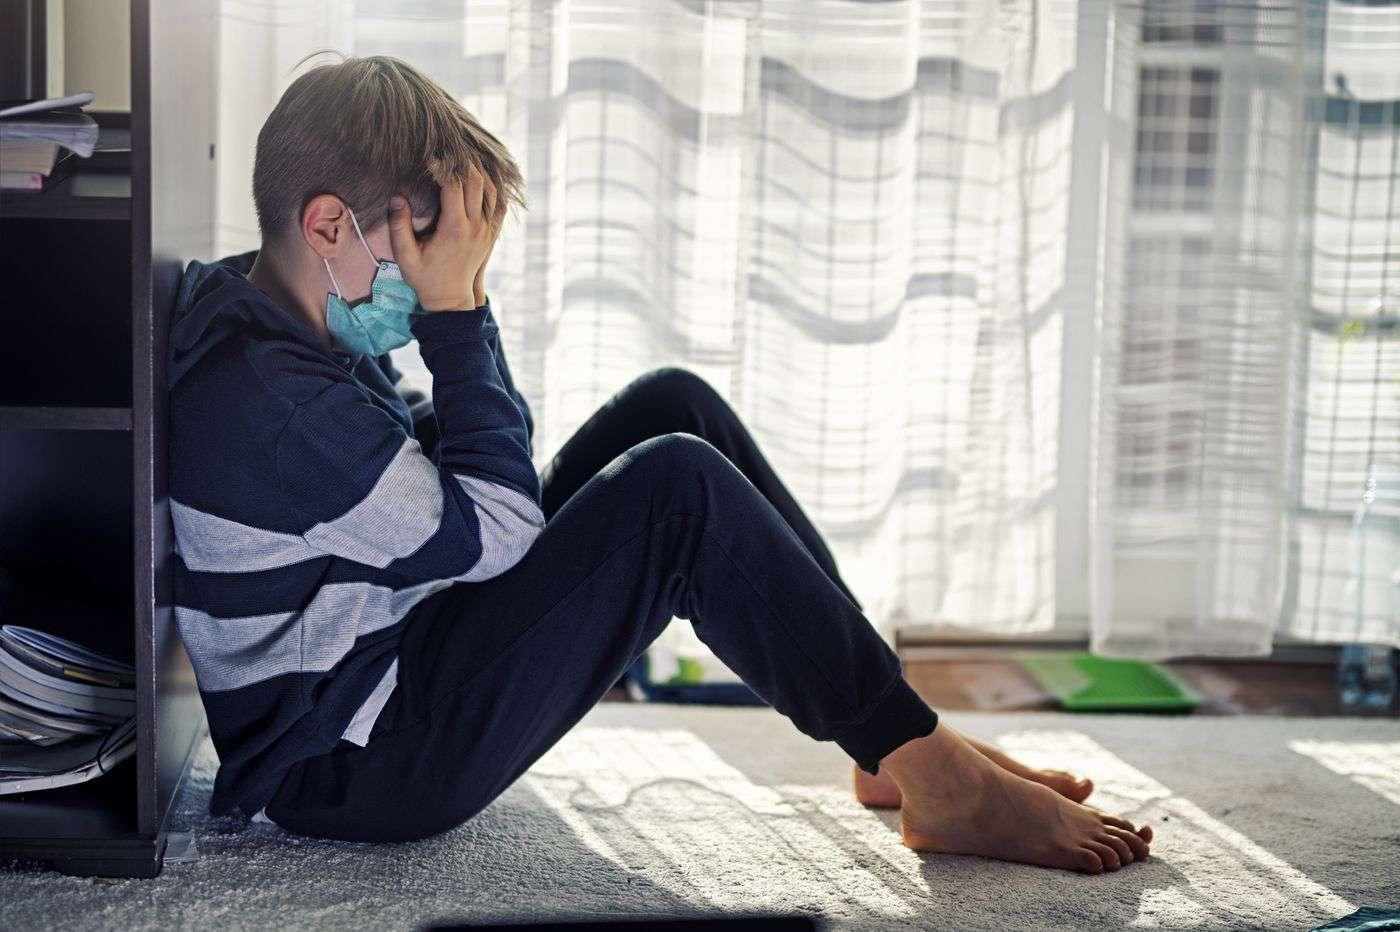 کنترل اضطراب فرزندان در دوران قرنطینه